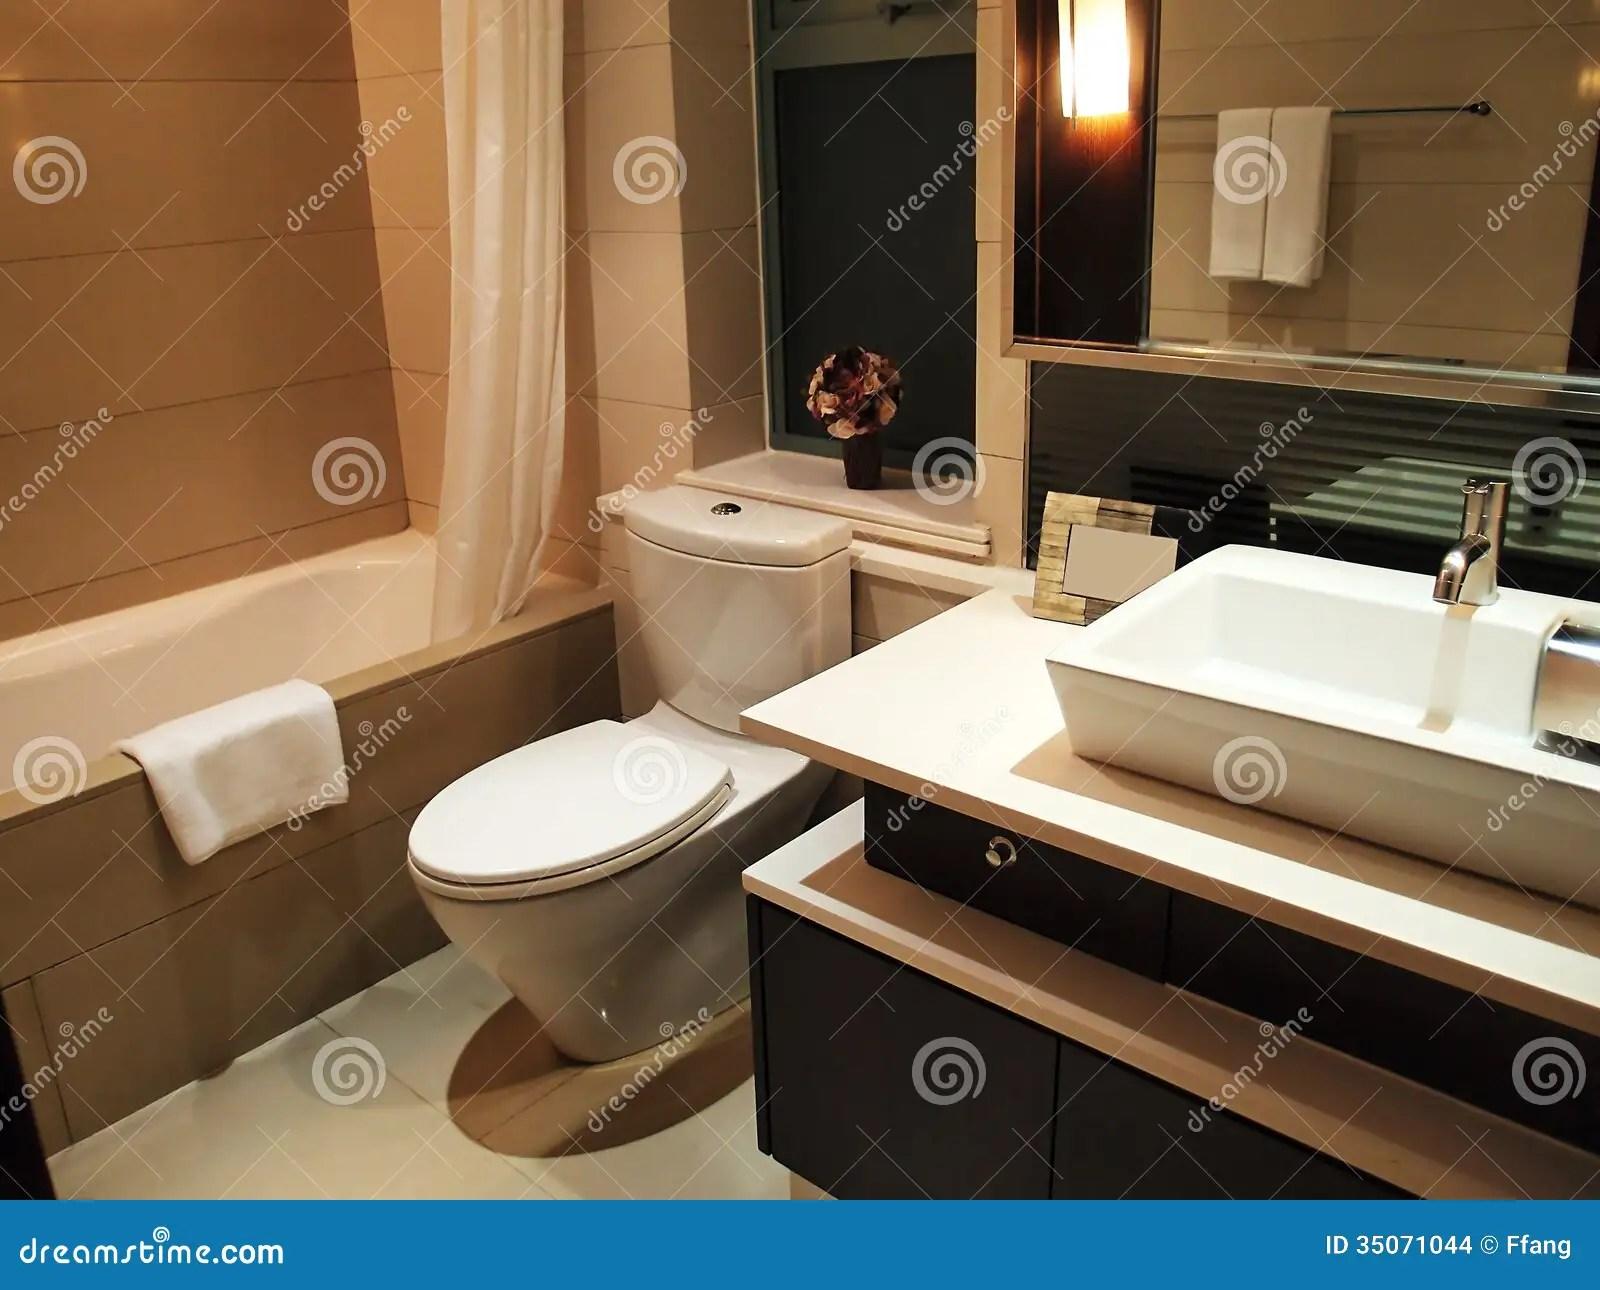 Plan Your Bathroom Online